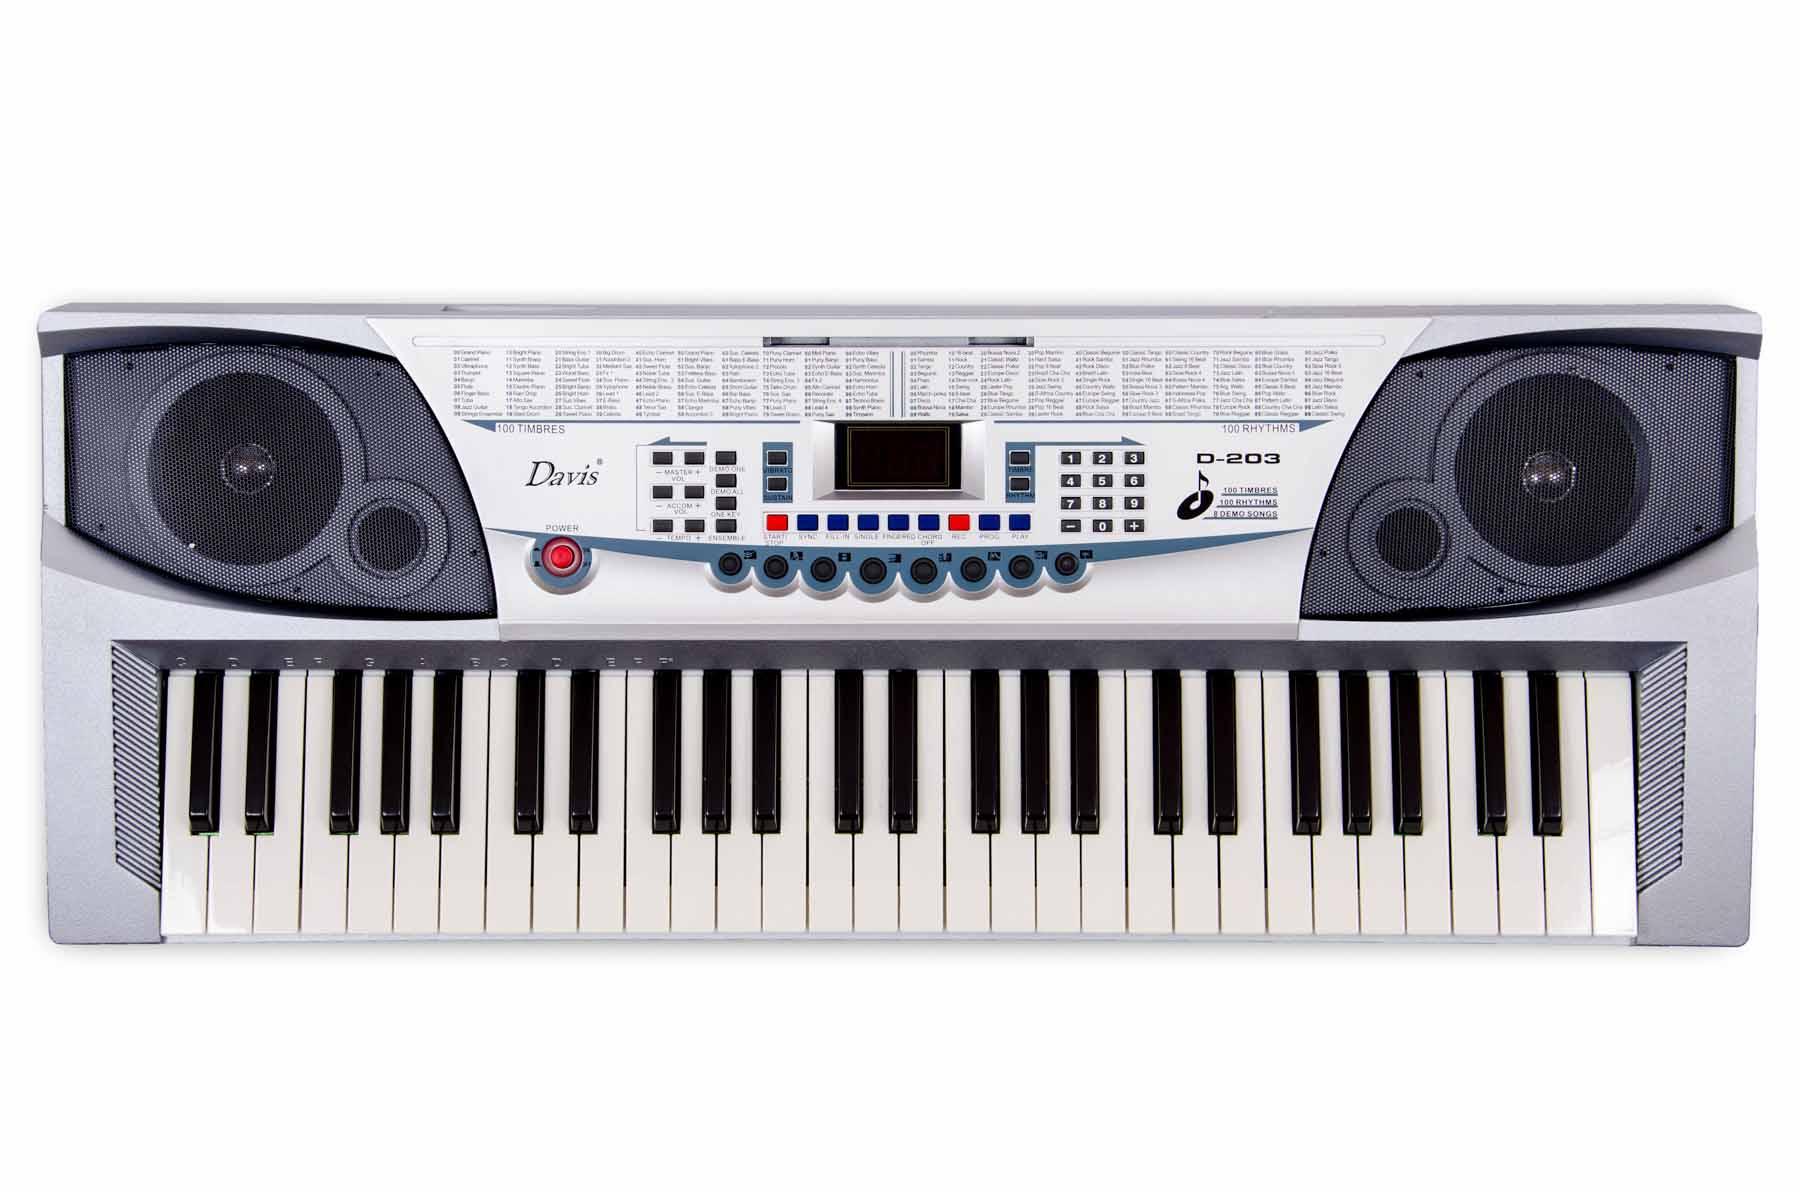 Davis Musical Instruments-D-203_0